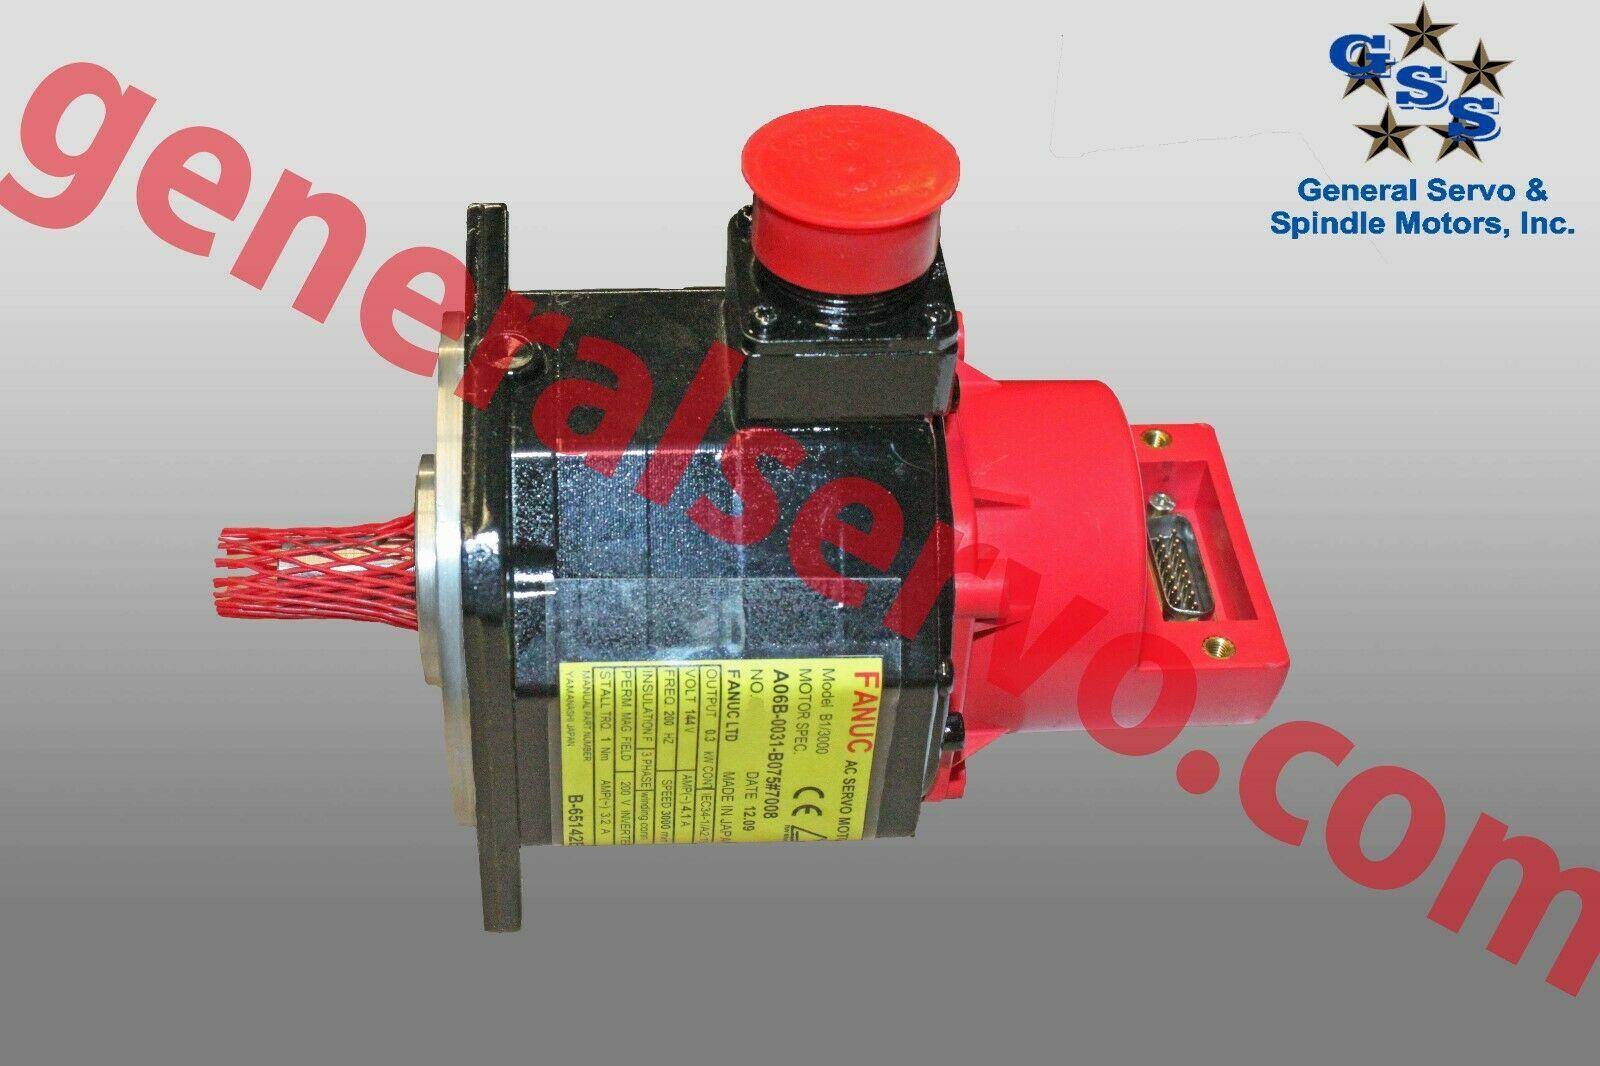 New Brake Disc for Fanuc Motor A06B-0079-B503 Brake Disc